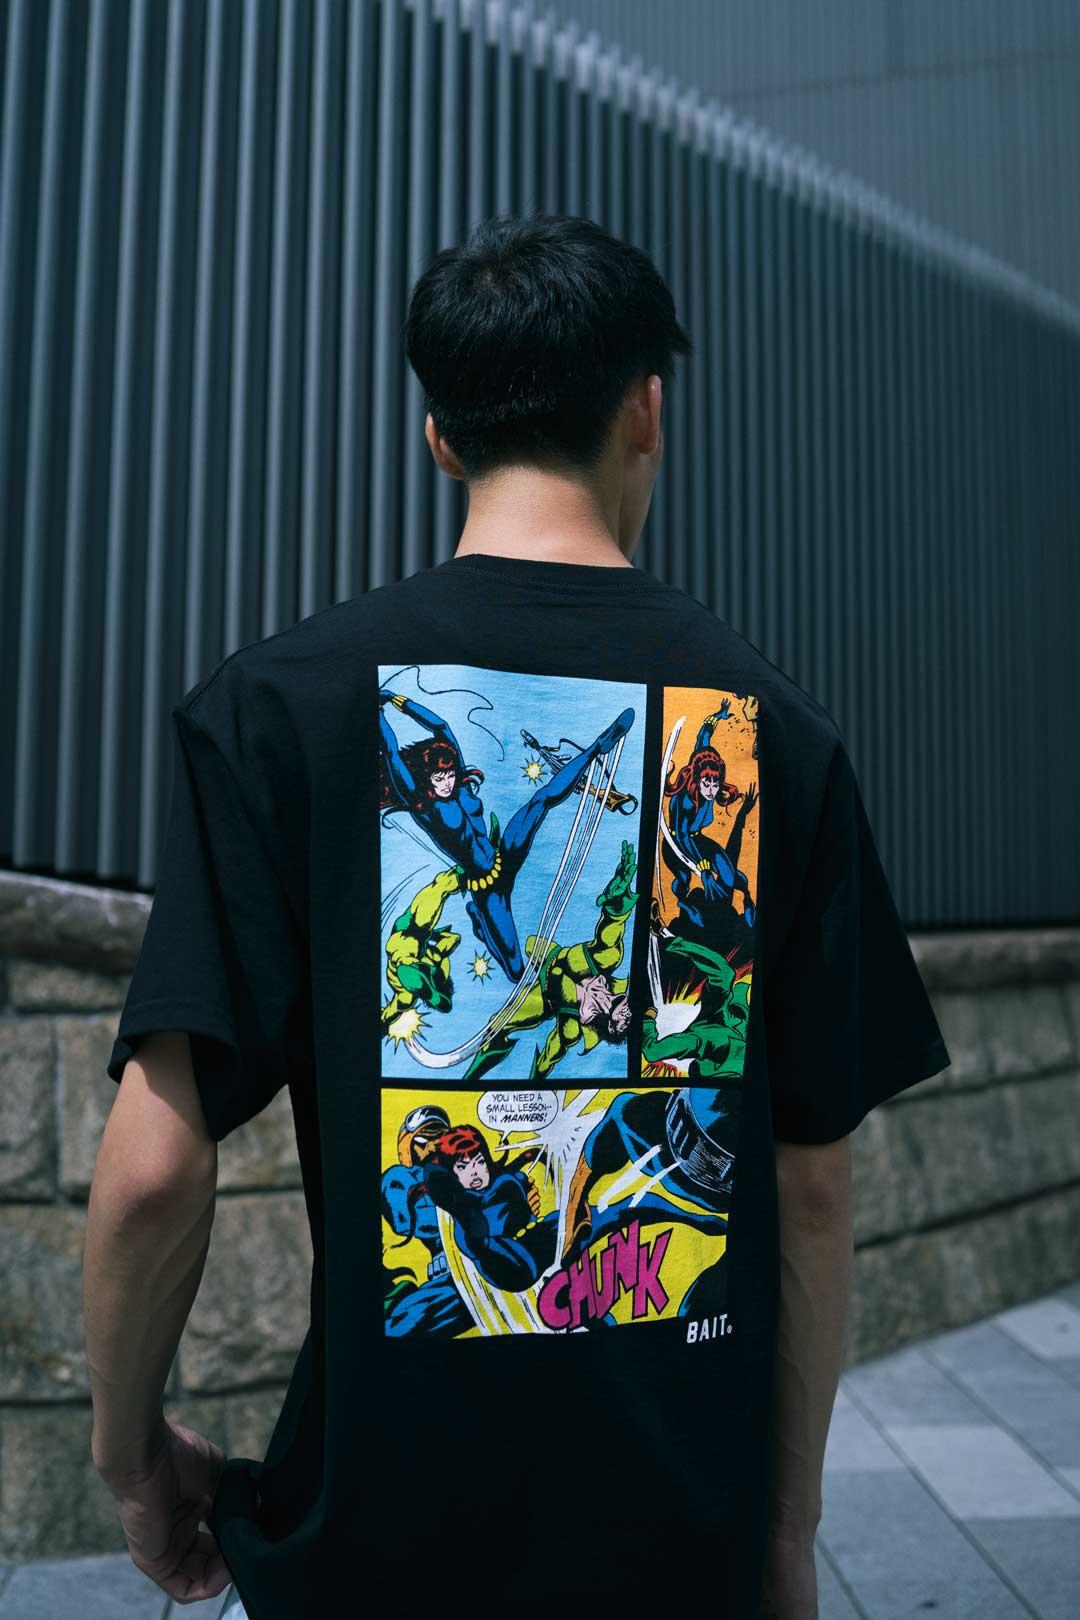 画像8: 「アベンジャーズ」登場ヒーロー達の活躍シーンが切り取られたアパレルコレクションが「BAIT」で展開中